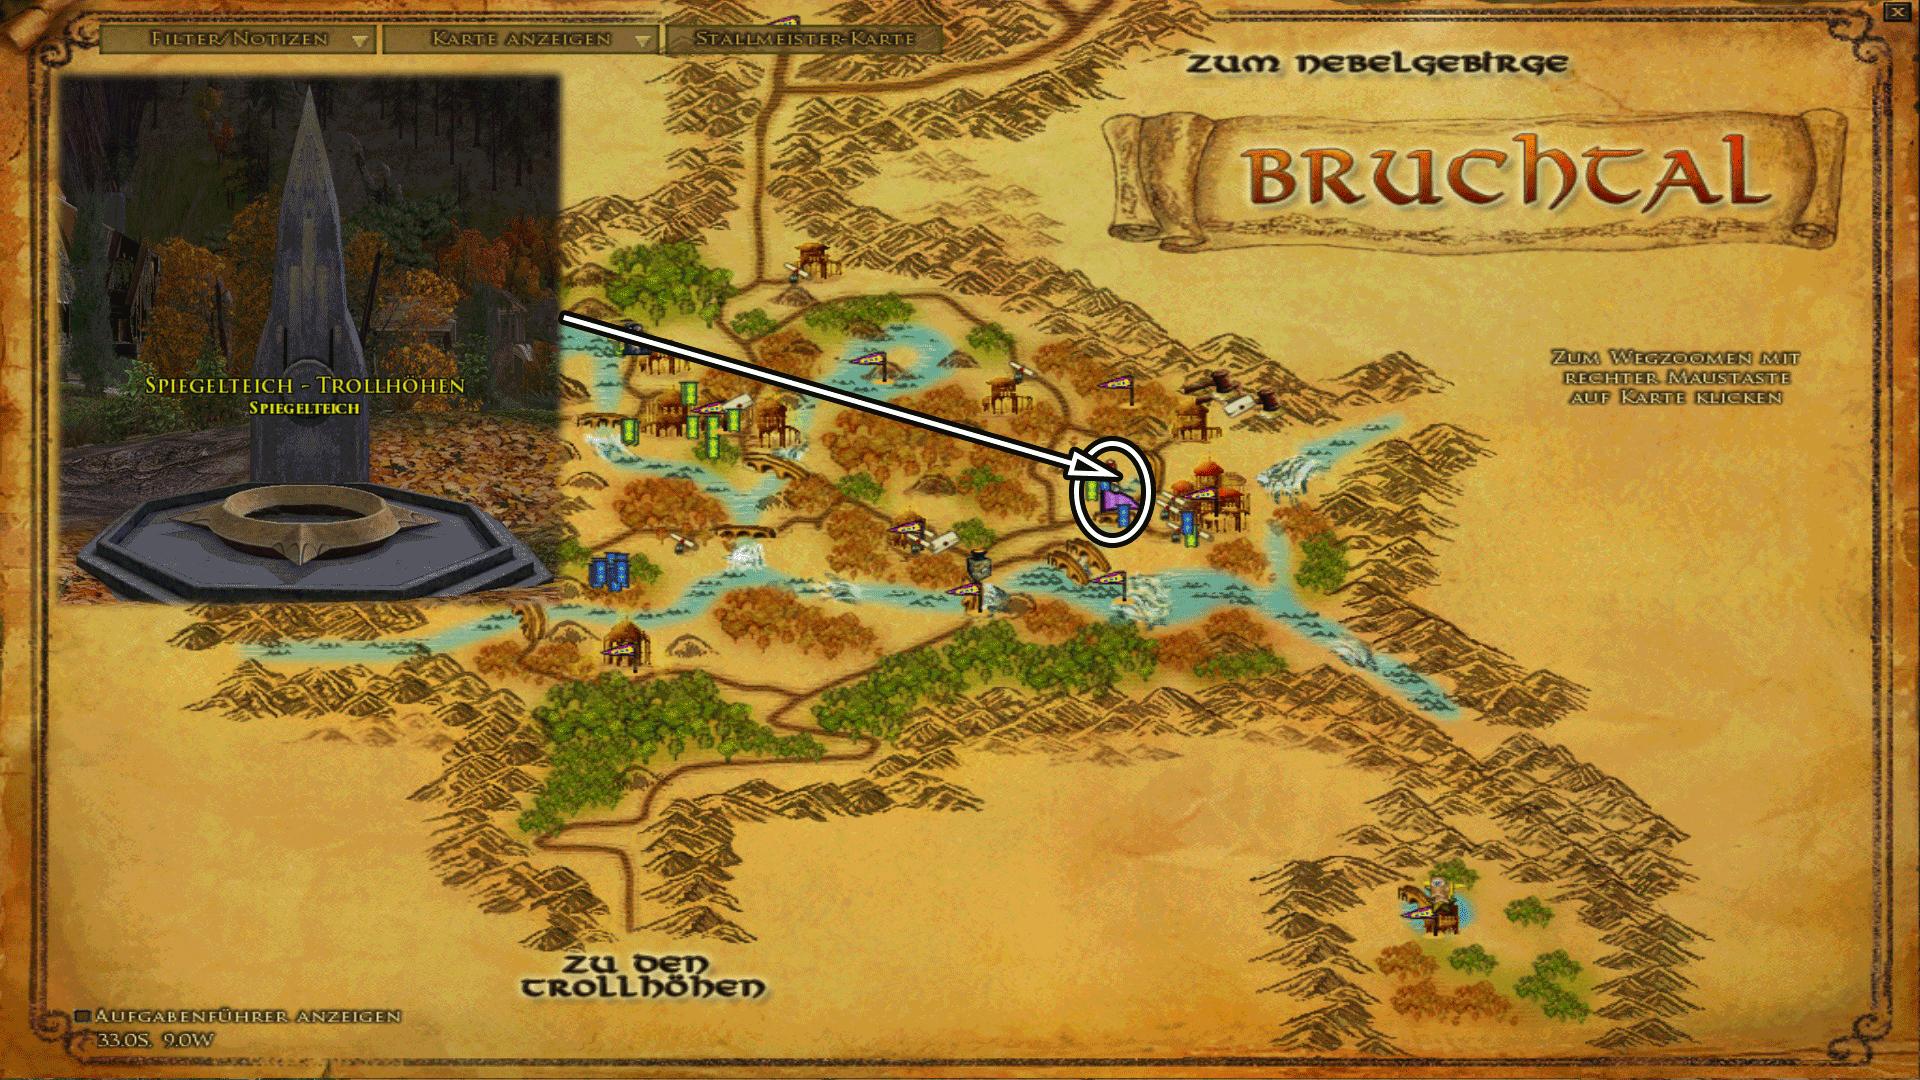 Spiegelteich in Bruchtal - Karte anklicken zum vergrößern